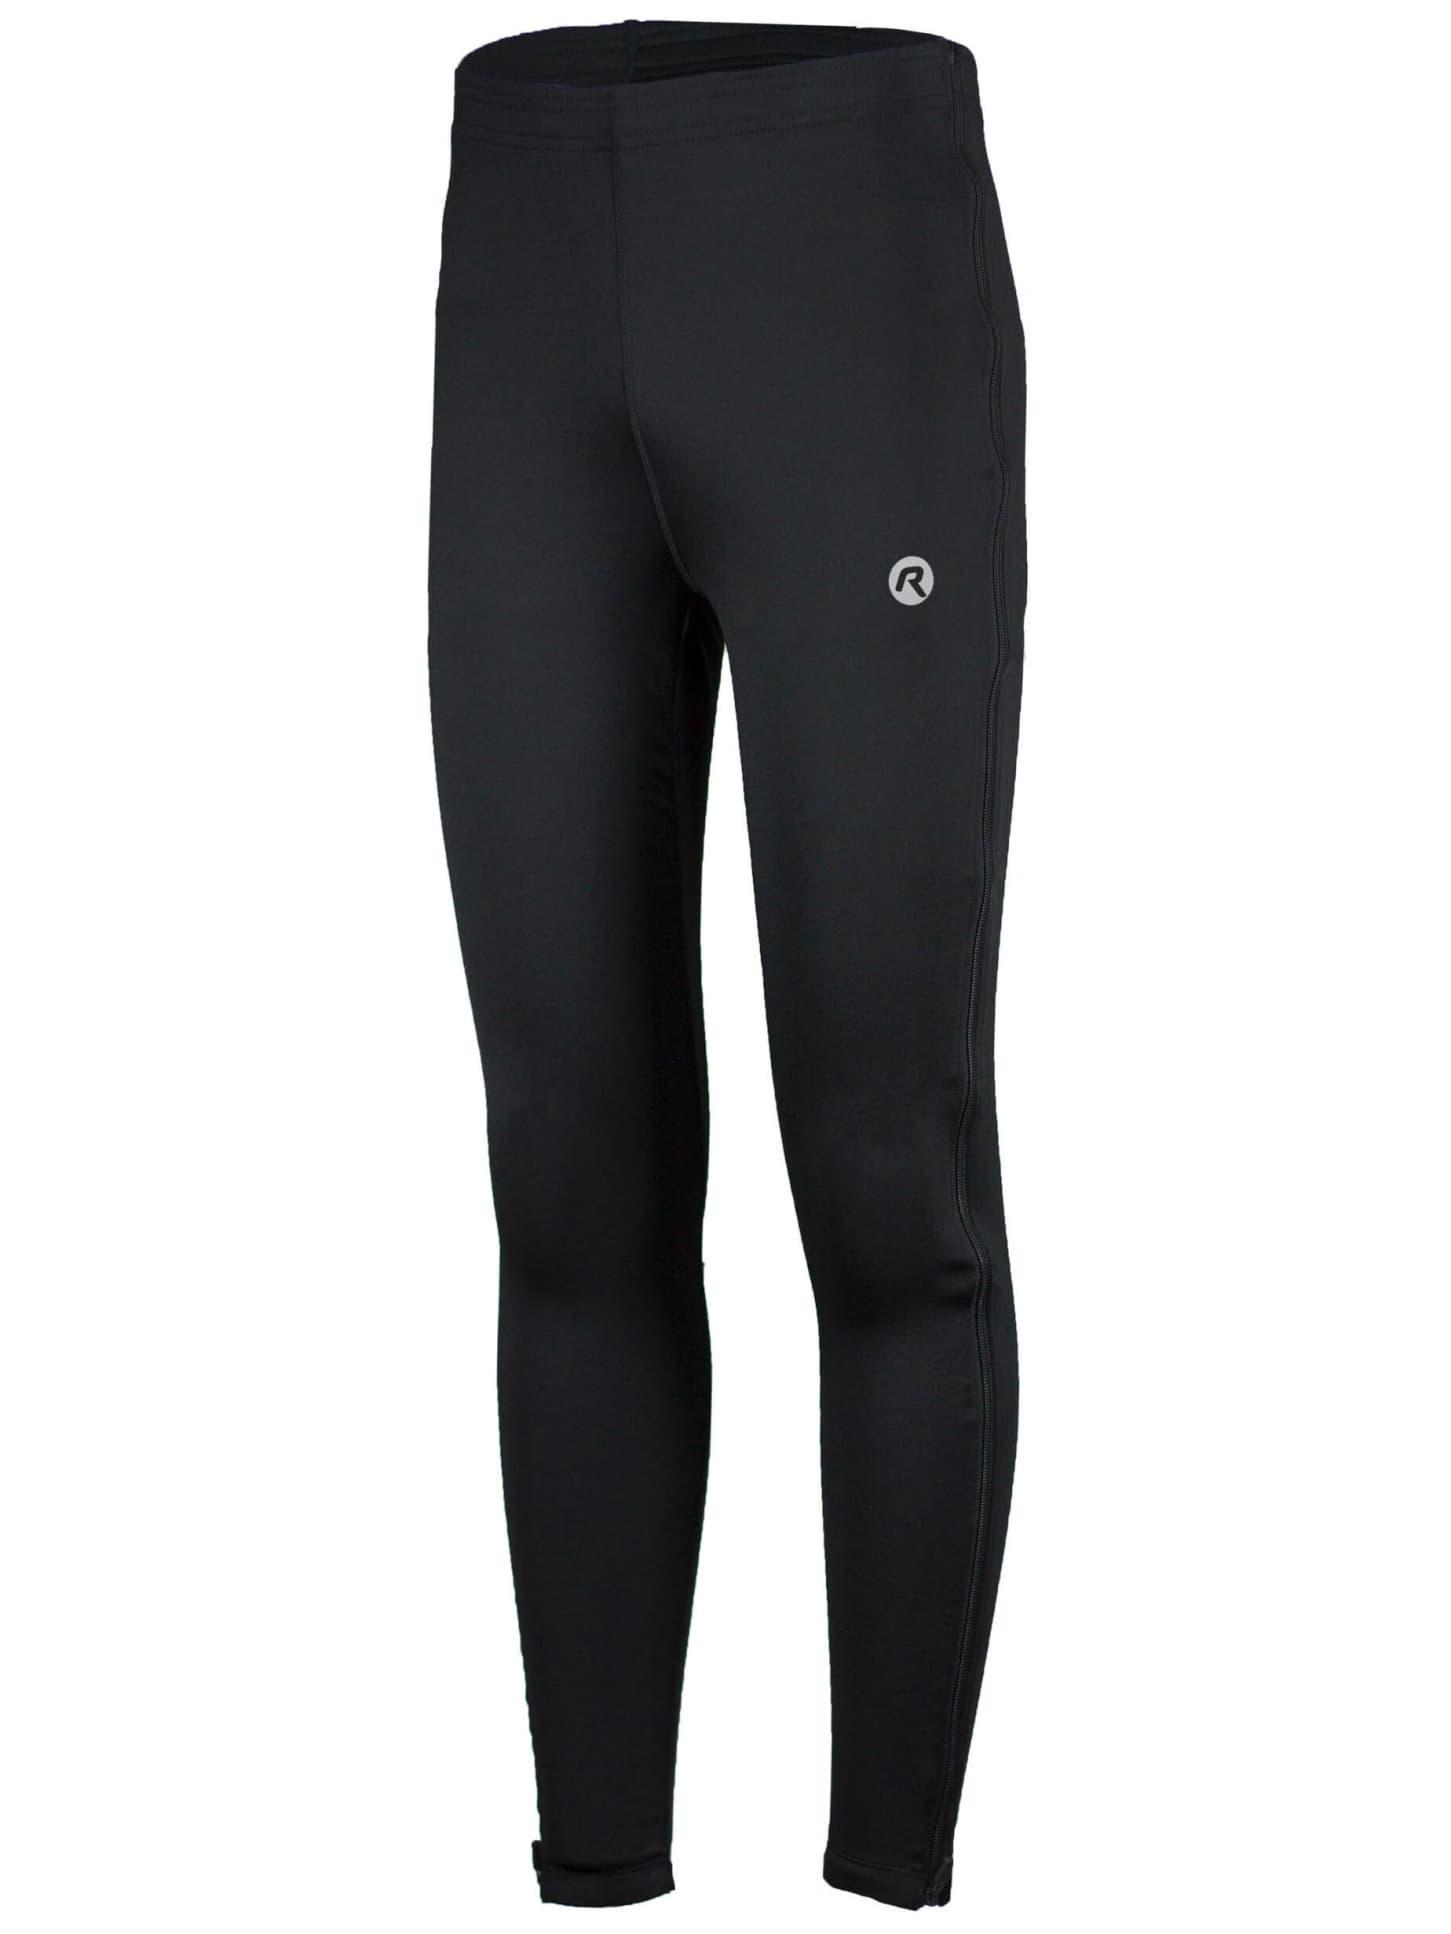 26b279d5 Elastyczne spodnie z zamkami na całej długości Rogelli BRENO, czarne ...